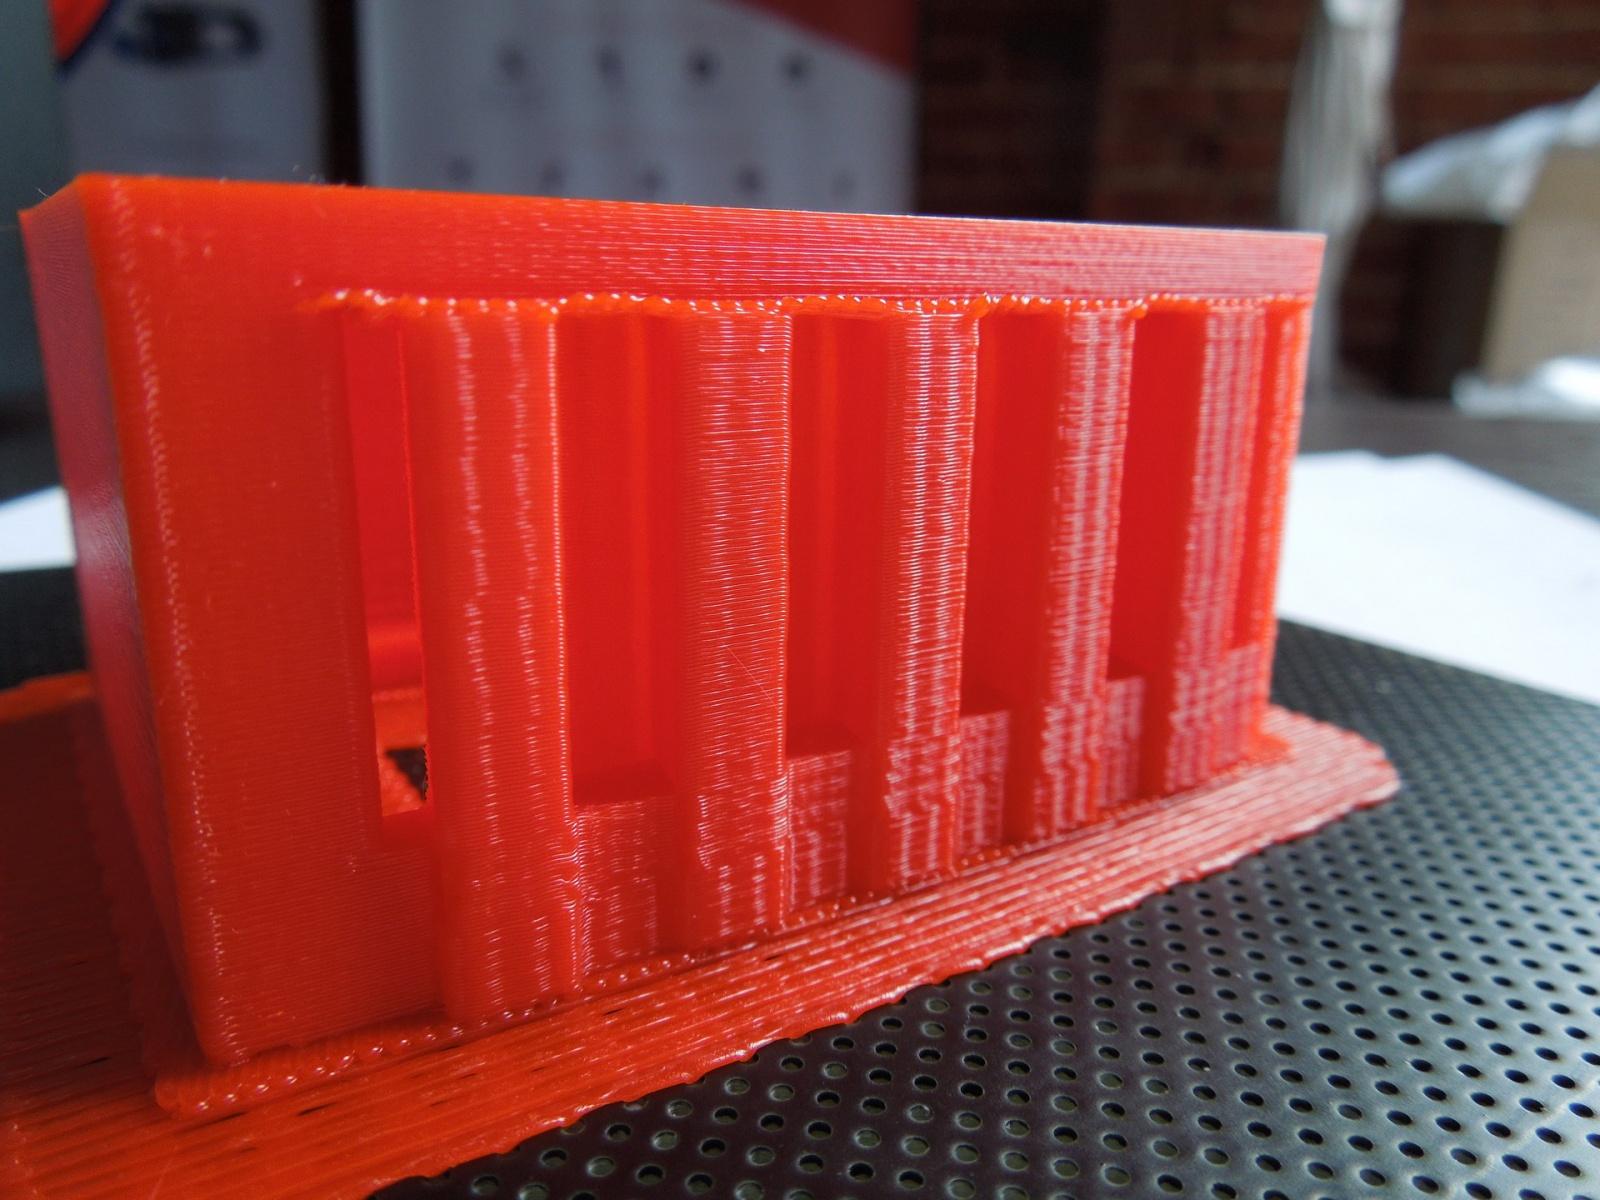 Обзор домашнего бюджетного 3D-принтера UP! mini - 9